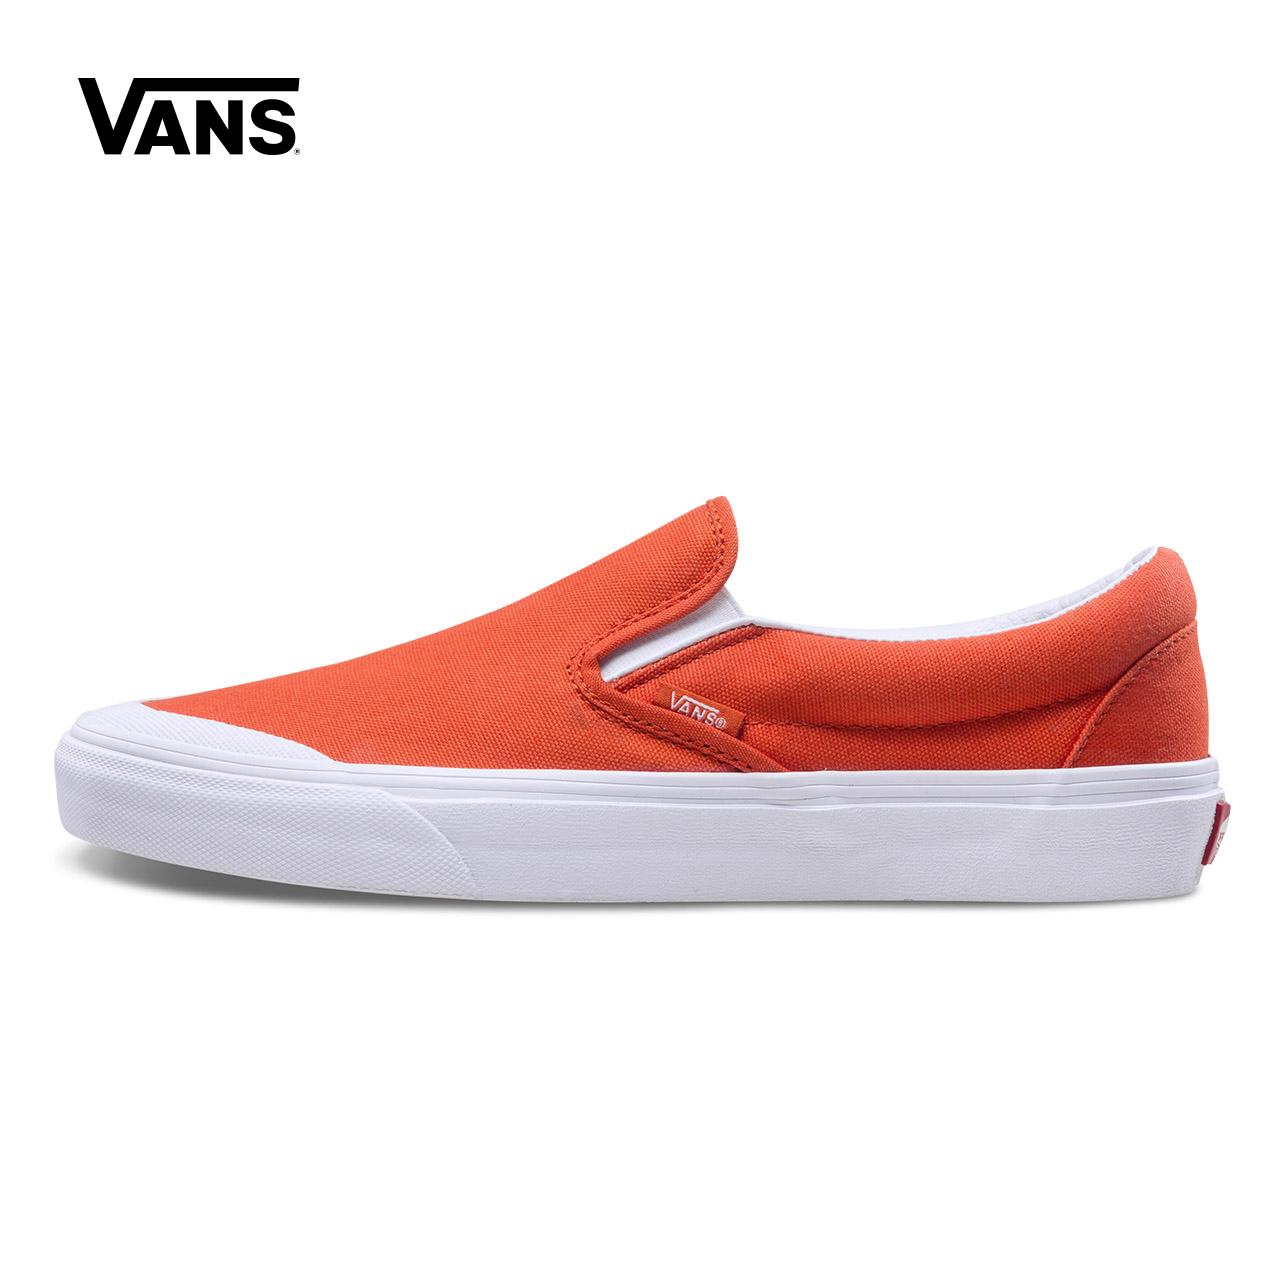 Vans 范斯官方Toe Cap男女款SLIP-ON板鞋|VN0A3TKBMHN-U7W